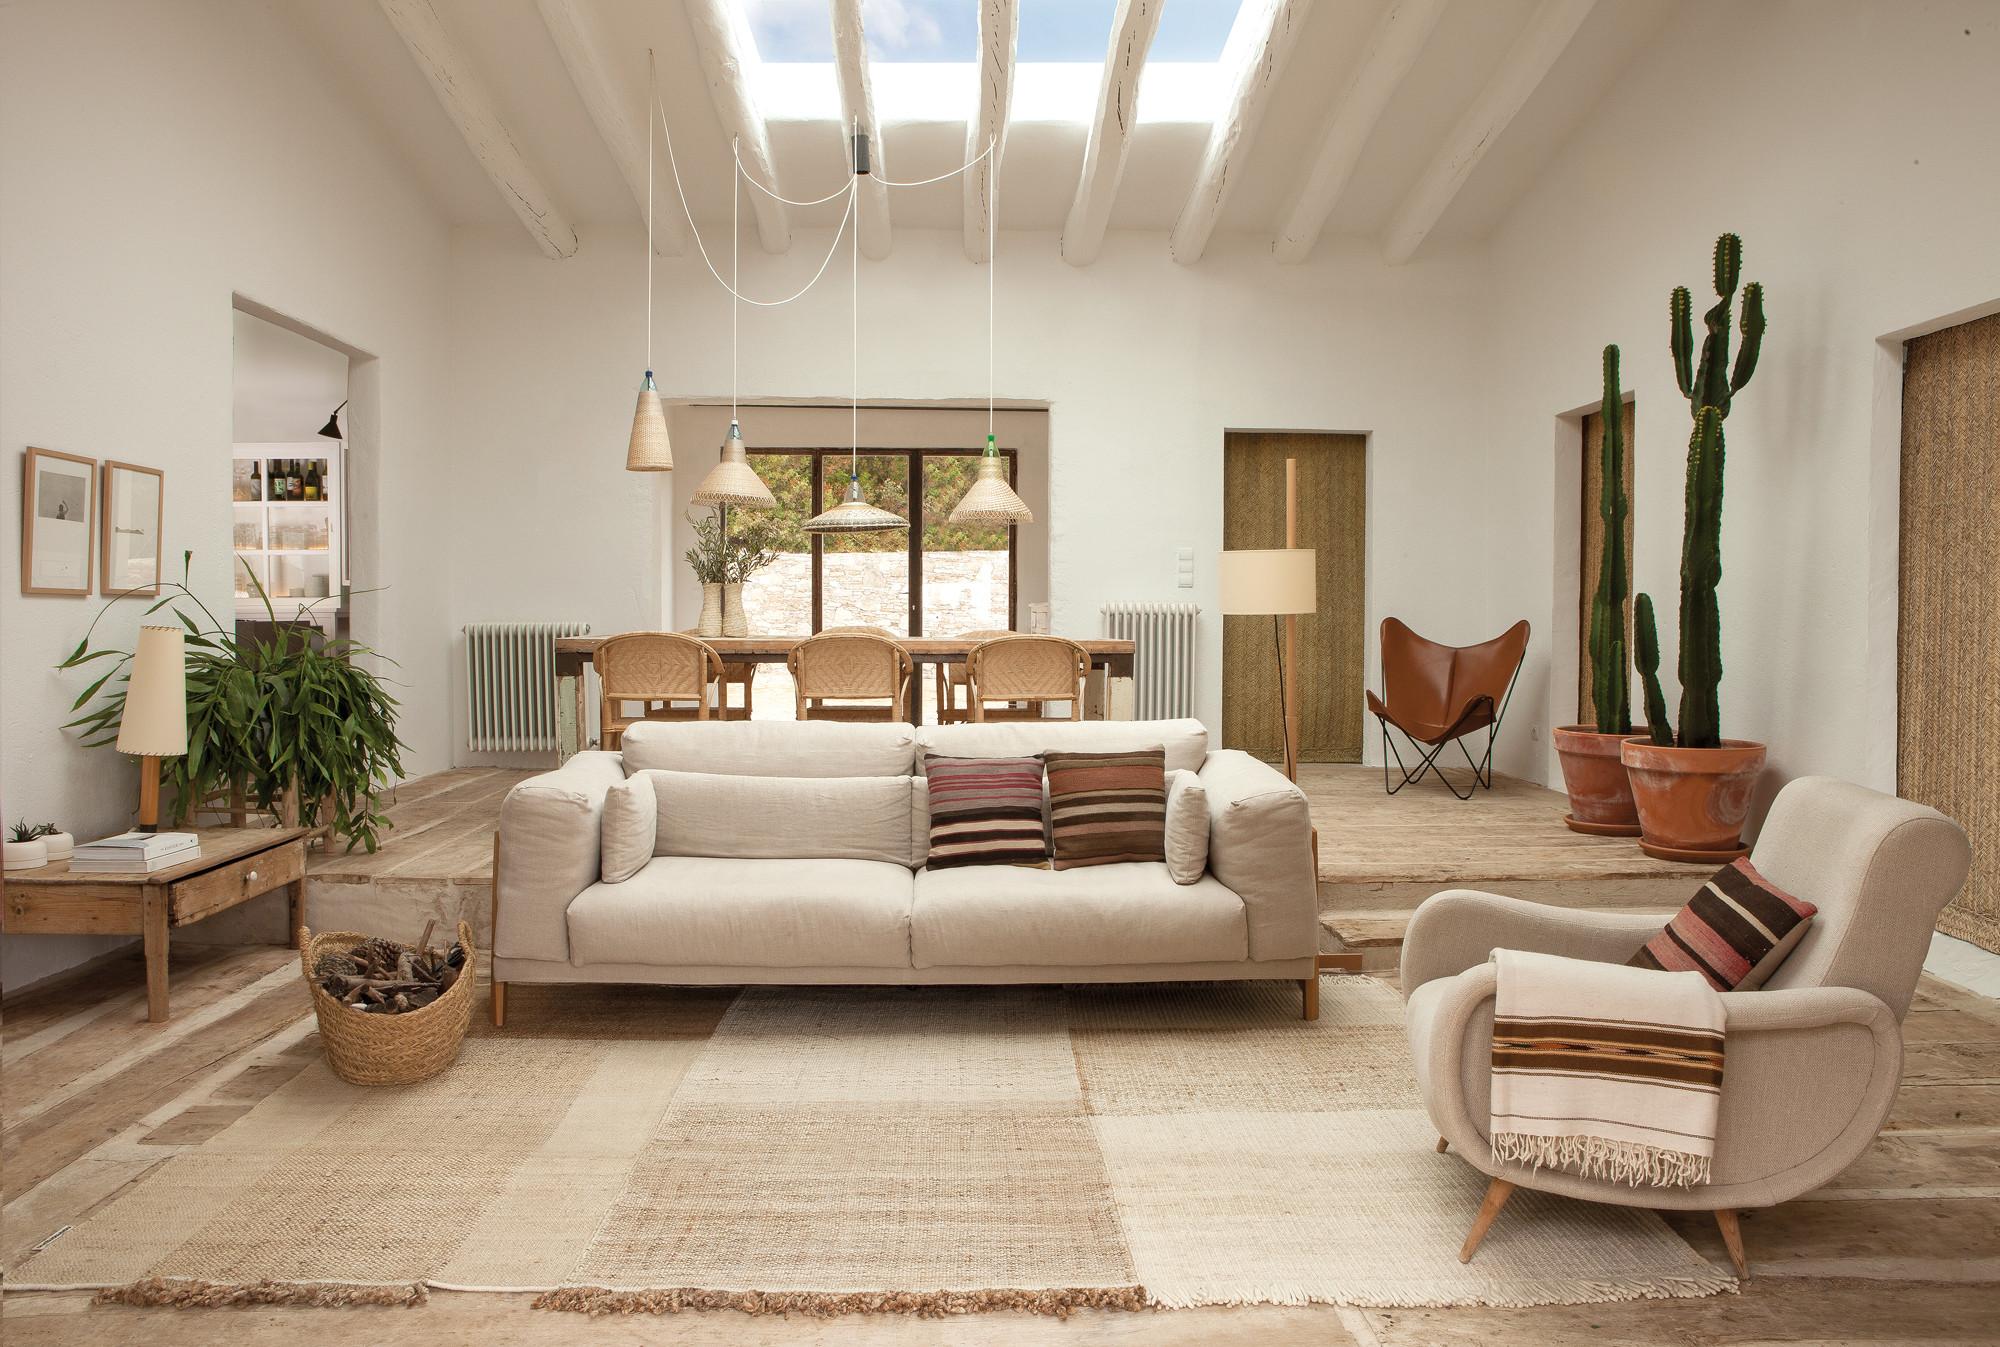 webteppich aus hanf wolle und filz gesund bauen news produkte archiv baunetz wissen. Black Bedroom Furniture Sets. Home Design Ideas